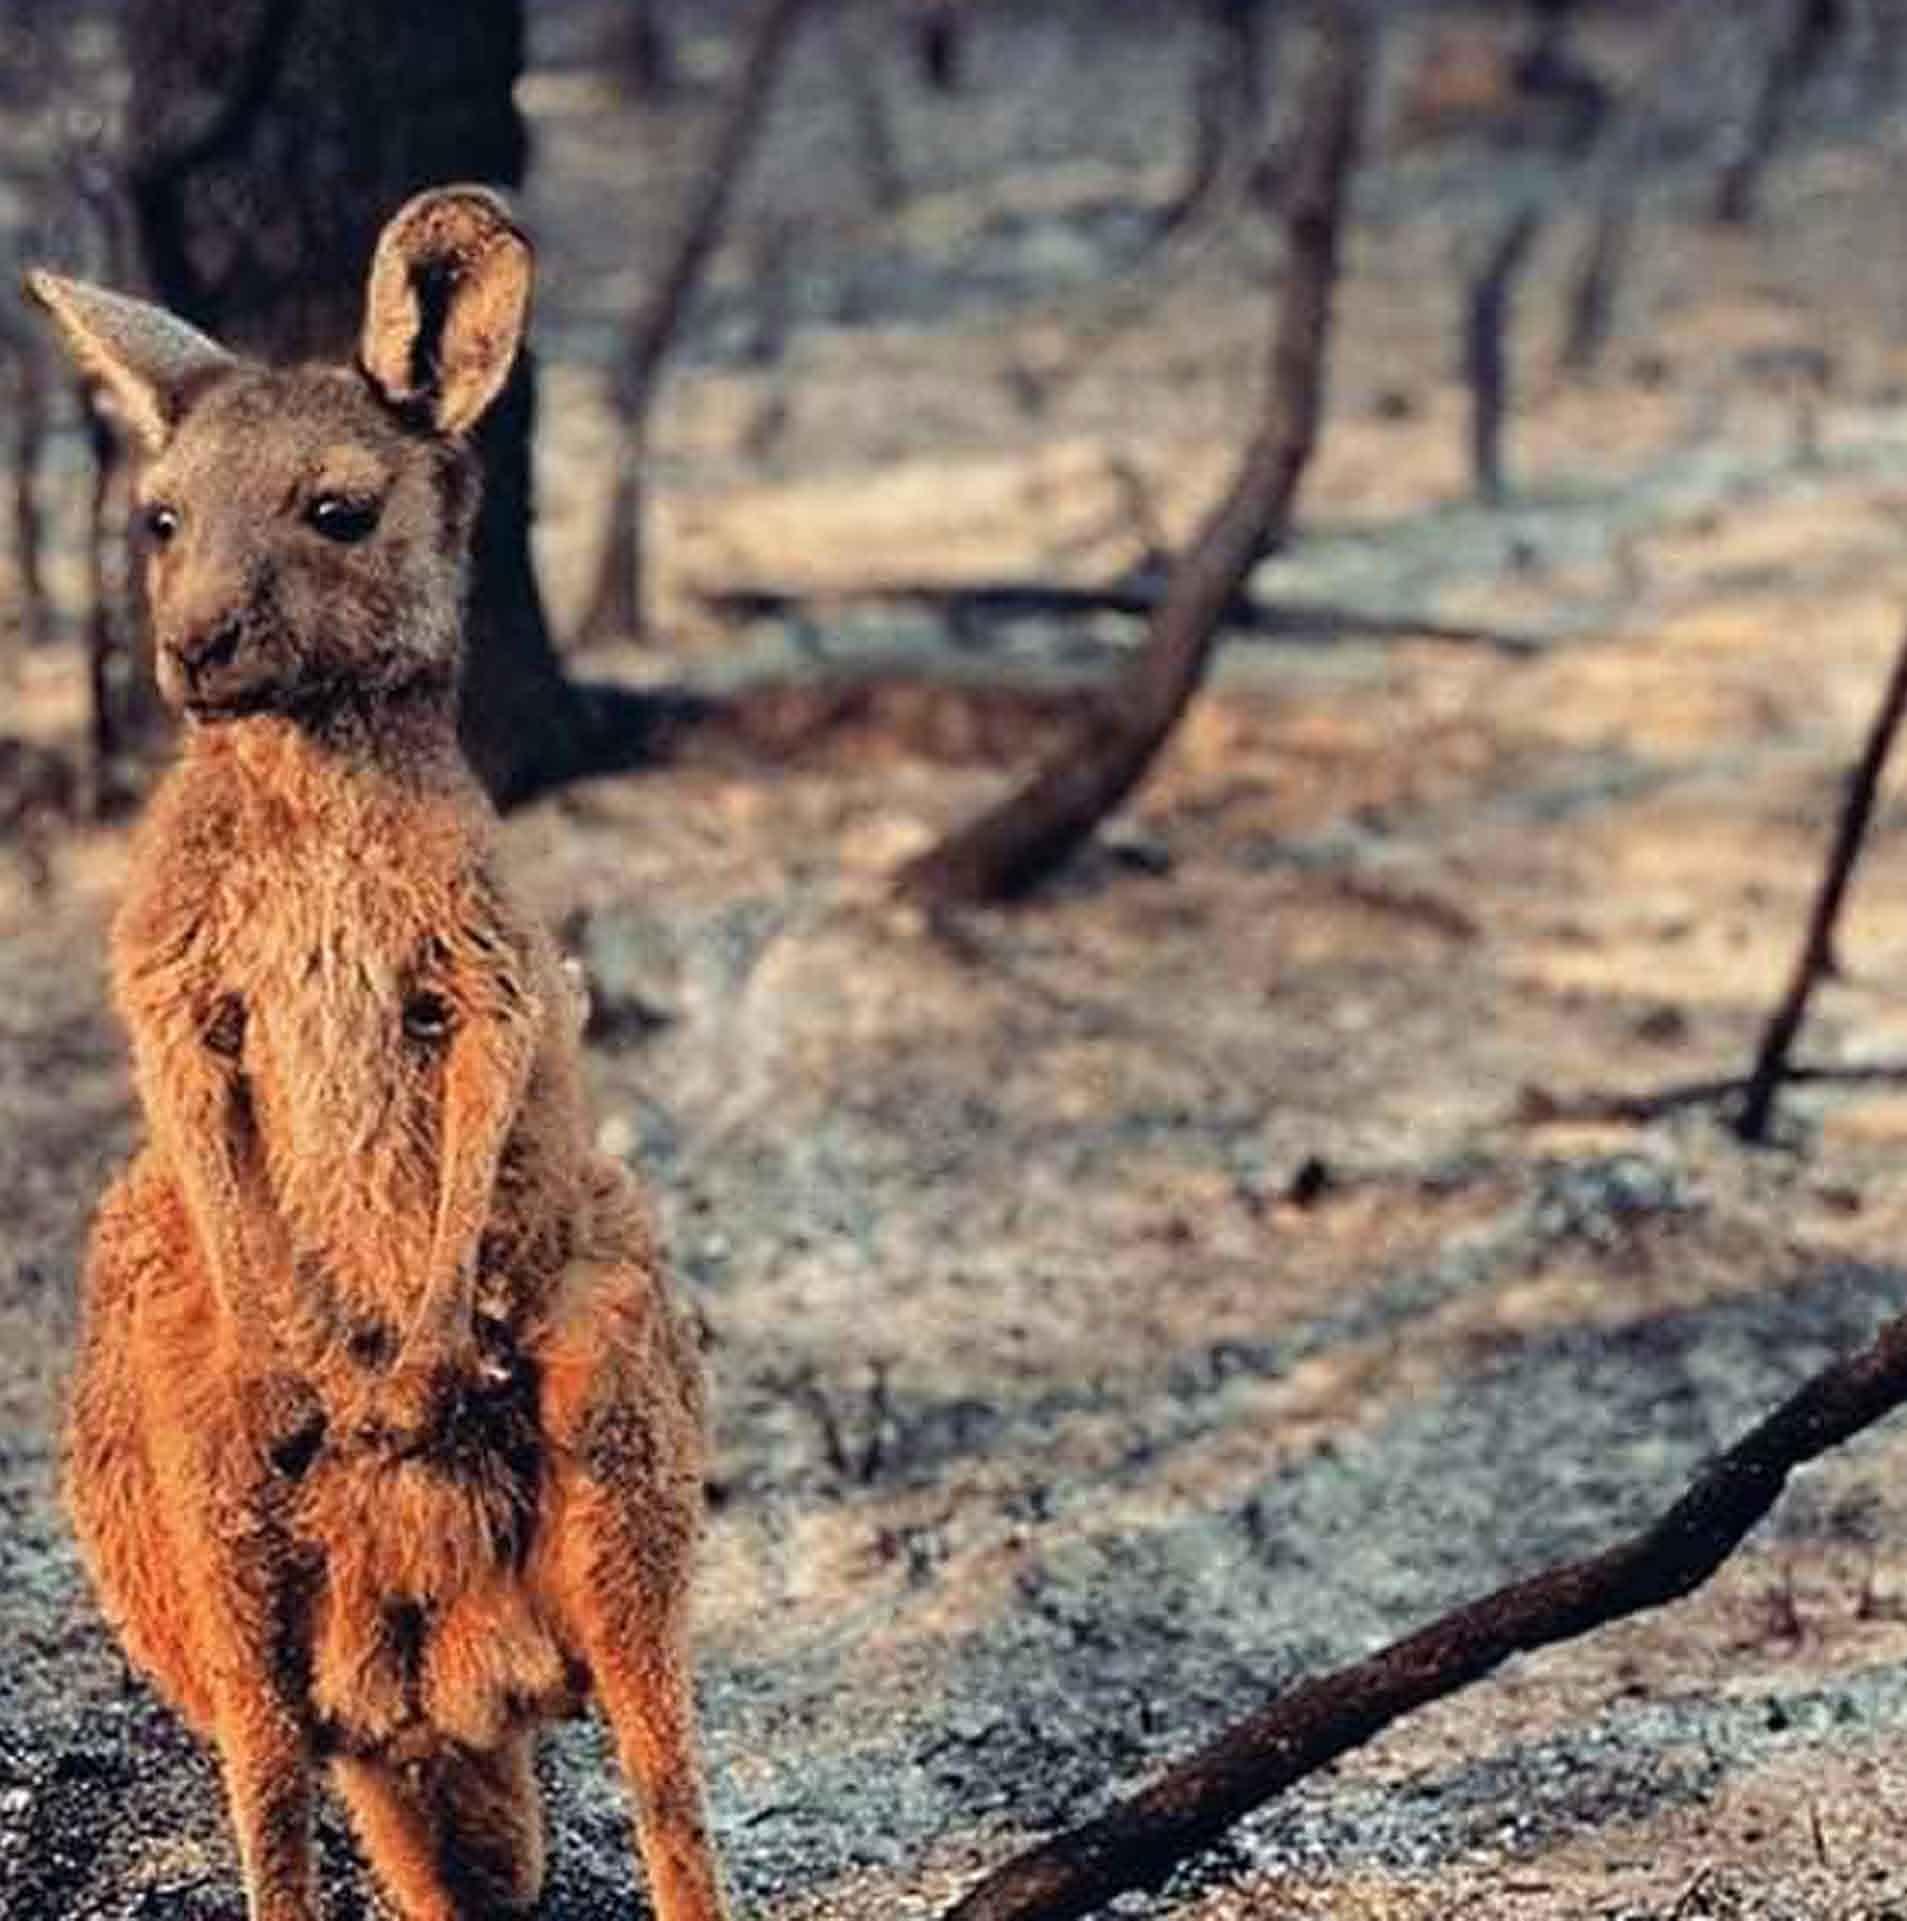 Австрали тивд хагас тэрбум ан амьтан үхээд байна